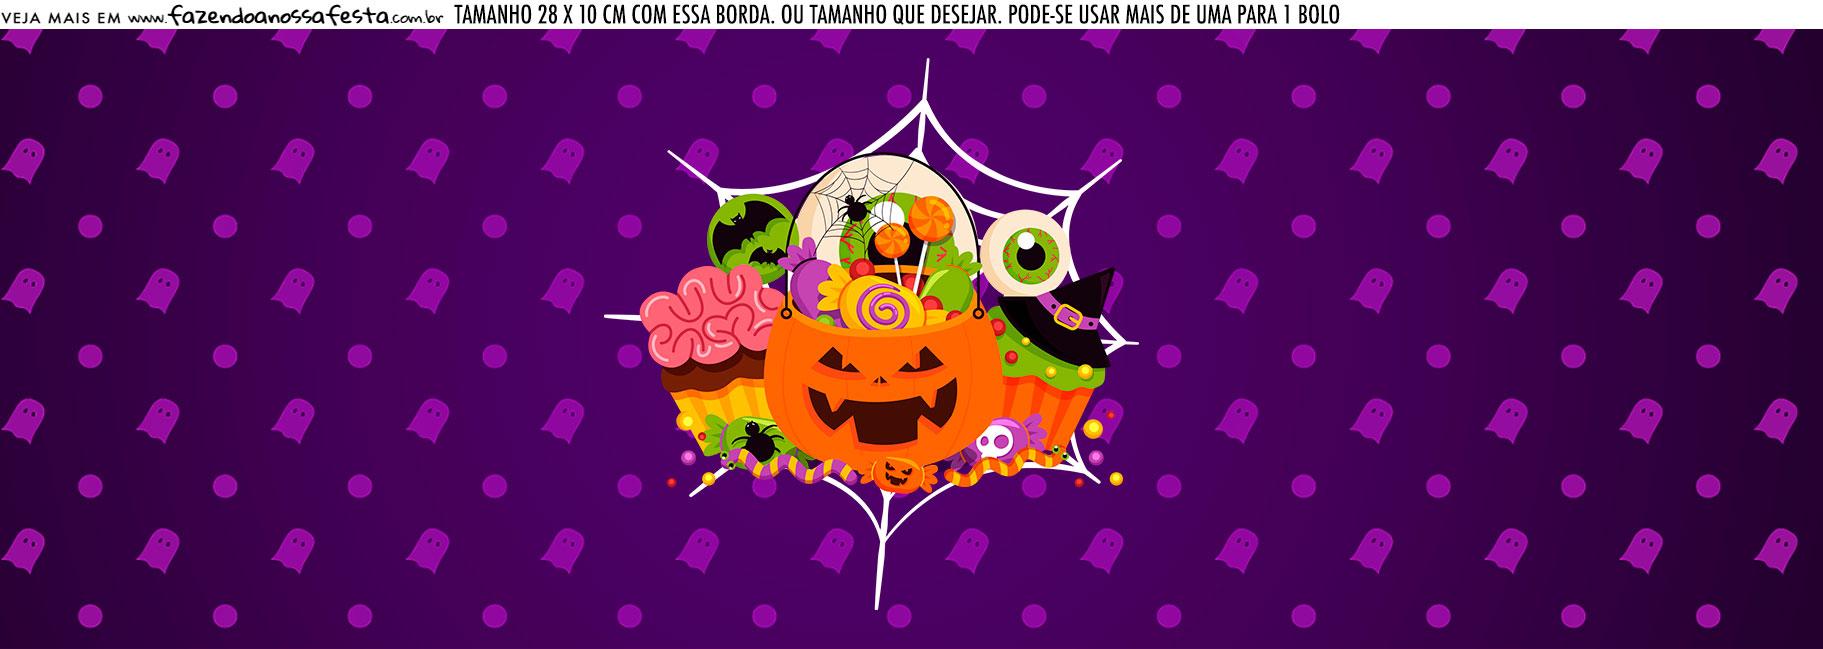 Saia Lateral de Bolo Halloween